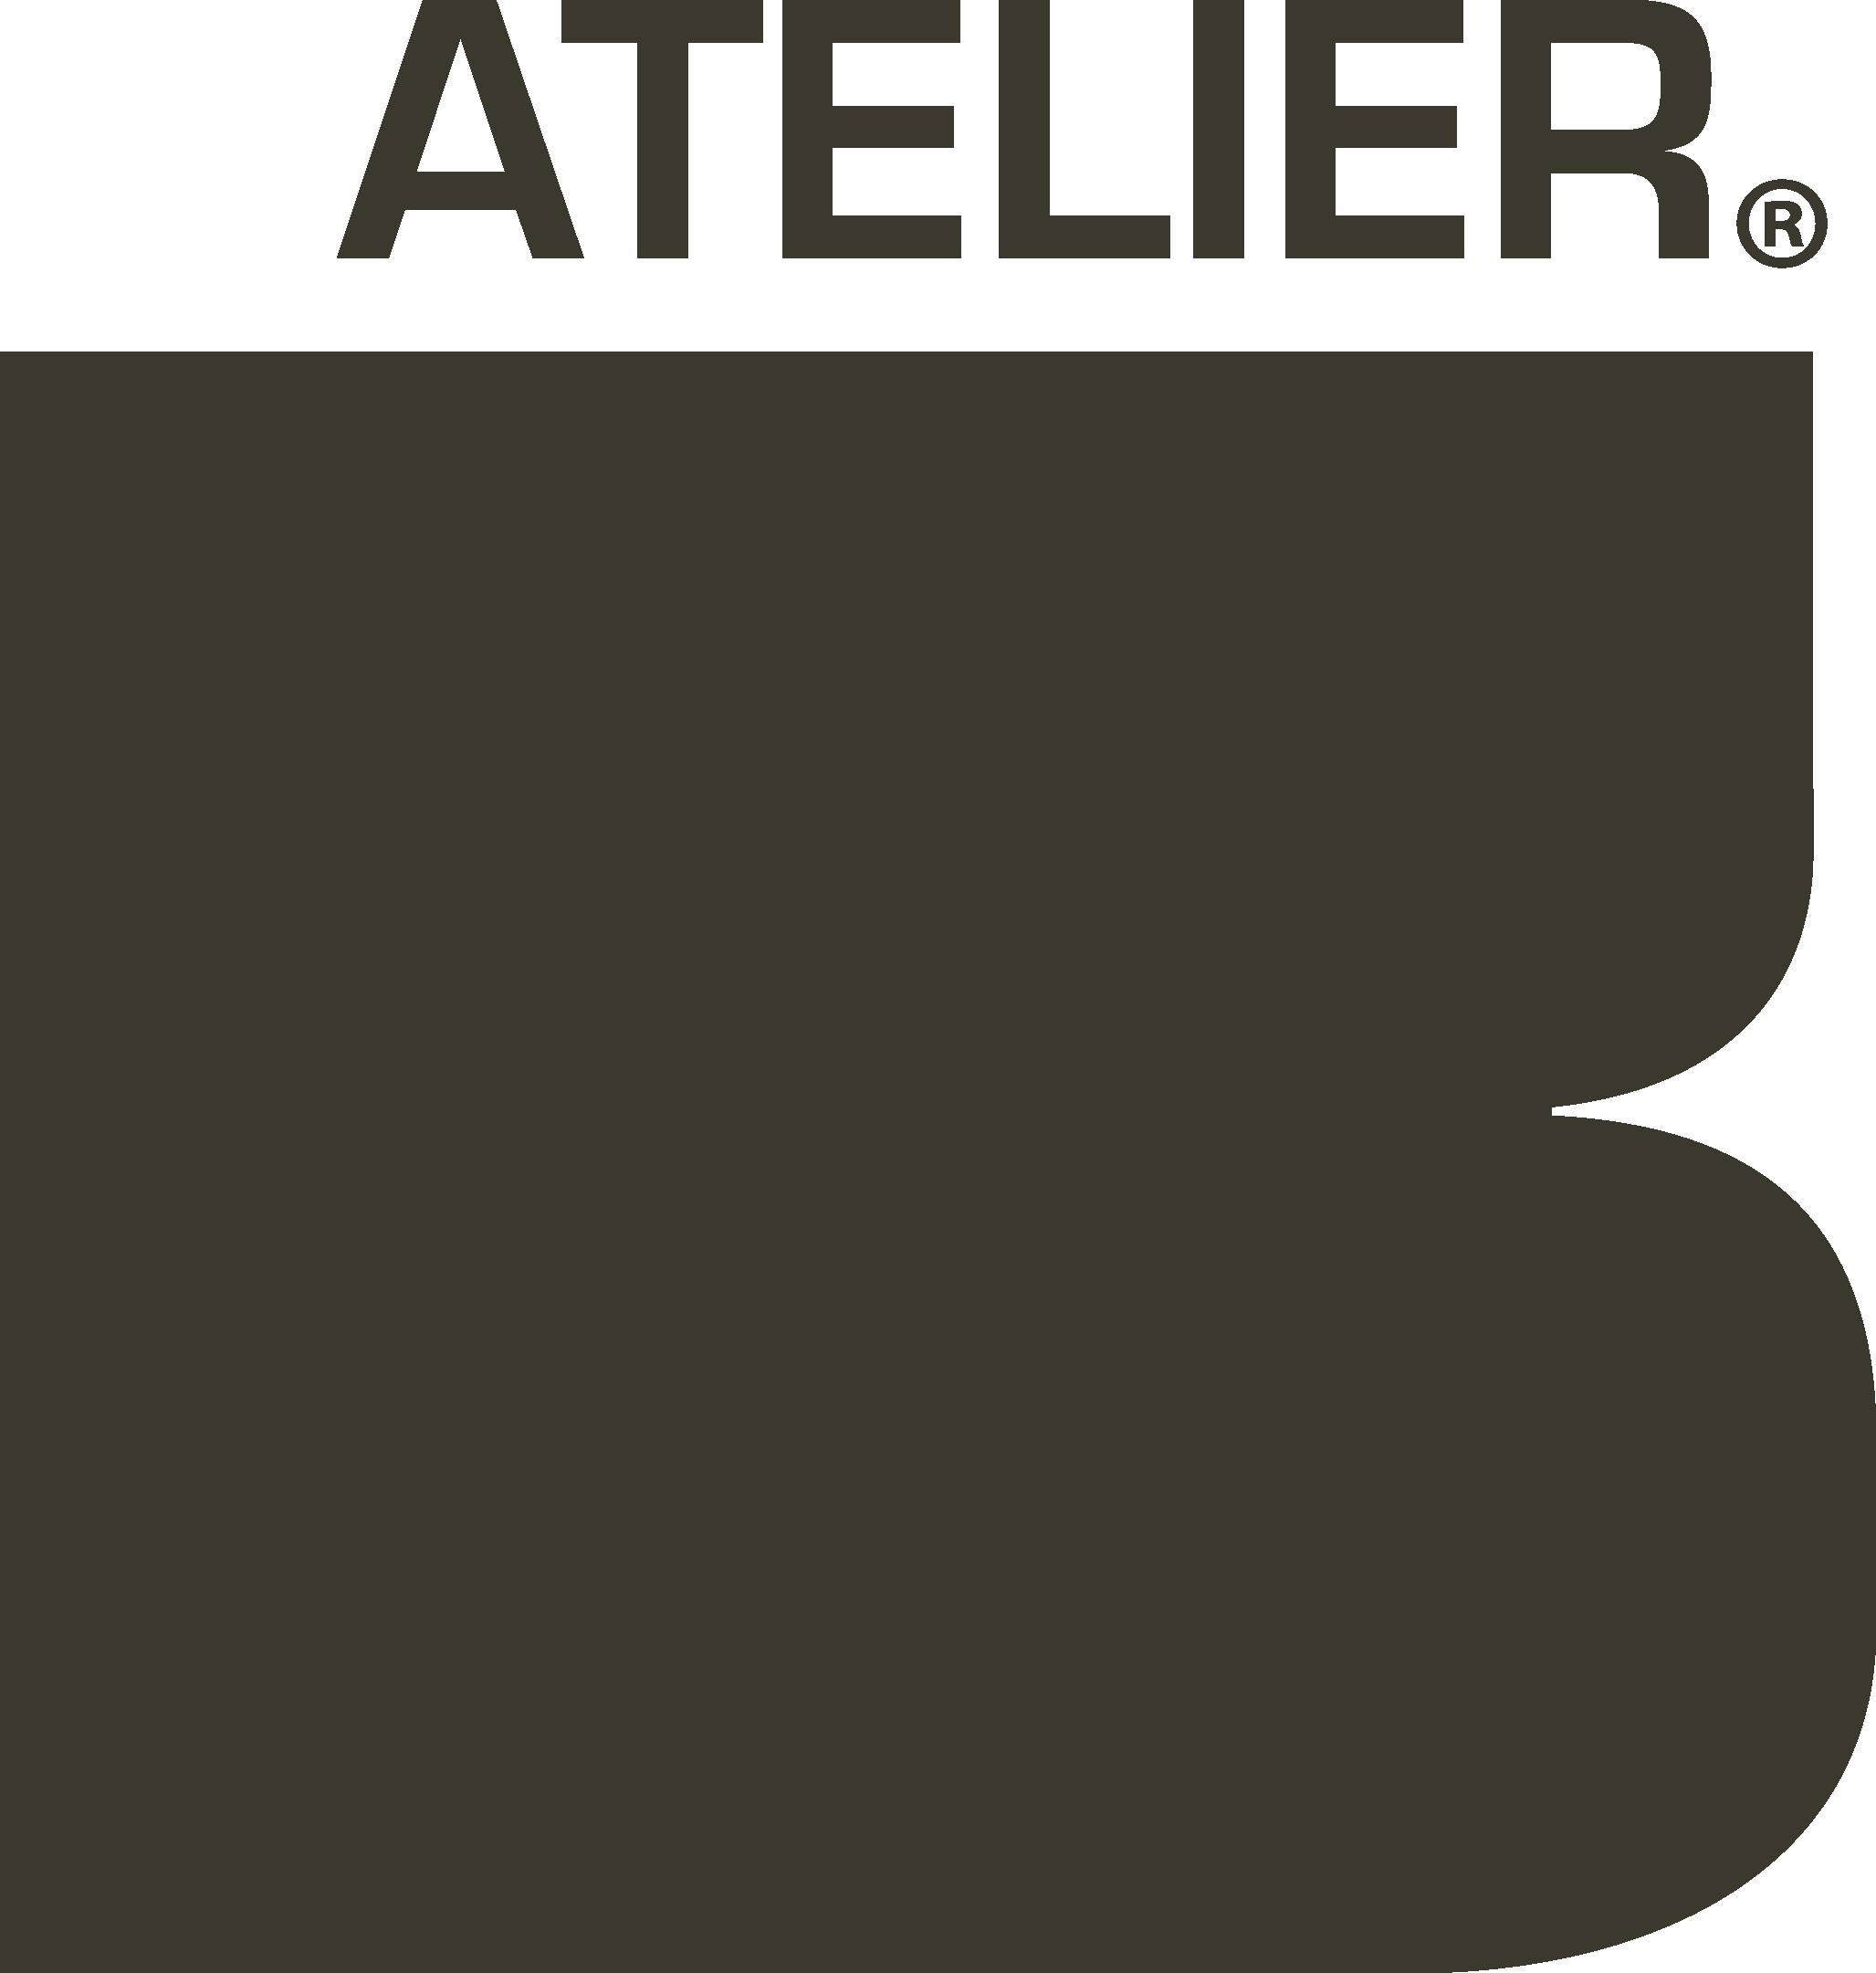 Béton Haute Performance Recette béton ciré et polissage de béton par atelierb